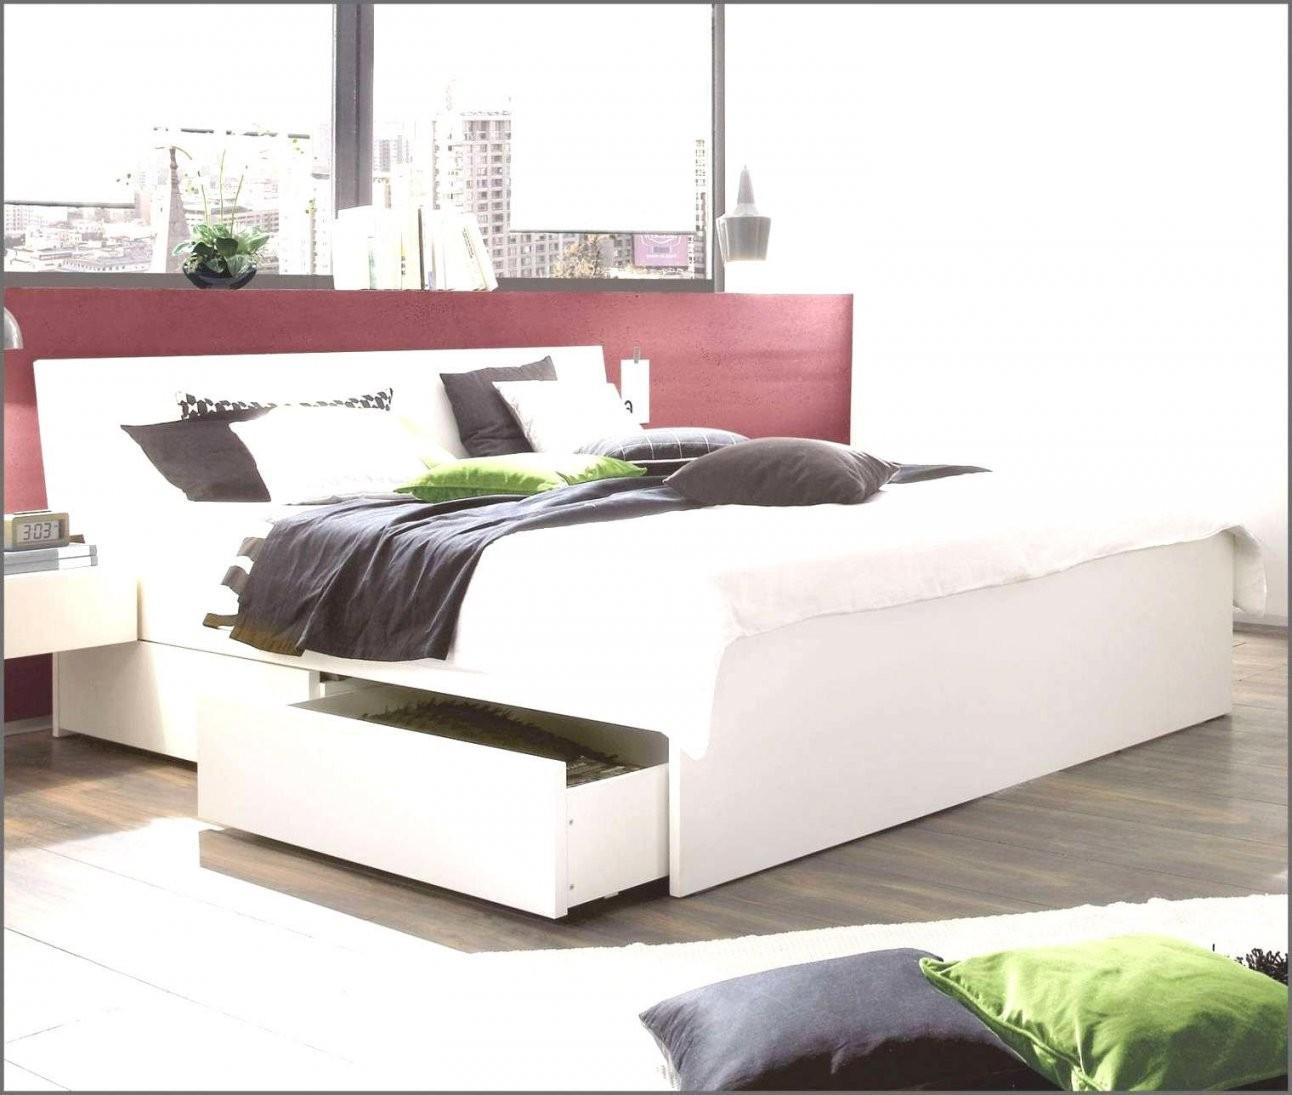 Tolle 32 Bett 160×200 Mit Lattenrost Und Matratze Design Ideen von Bett 160X200 Mit Lattenrost Und Matratze Photo